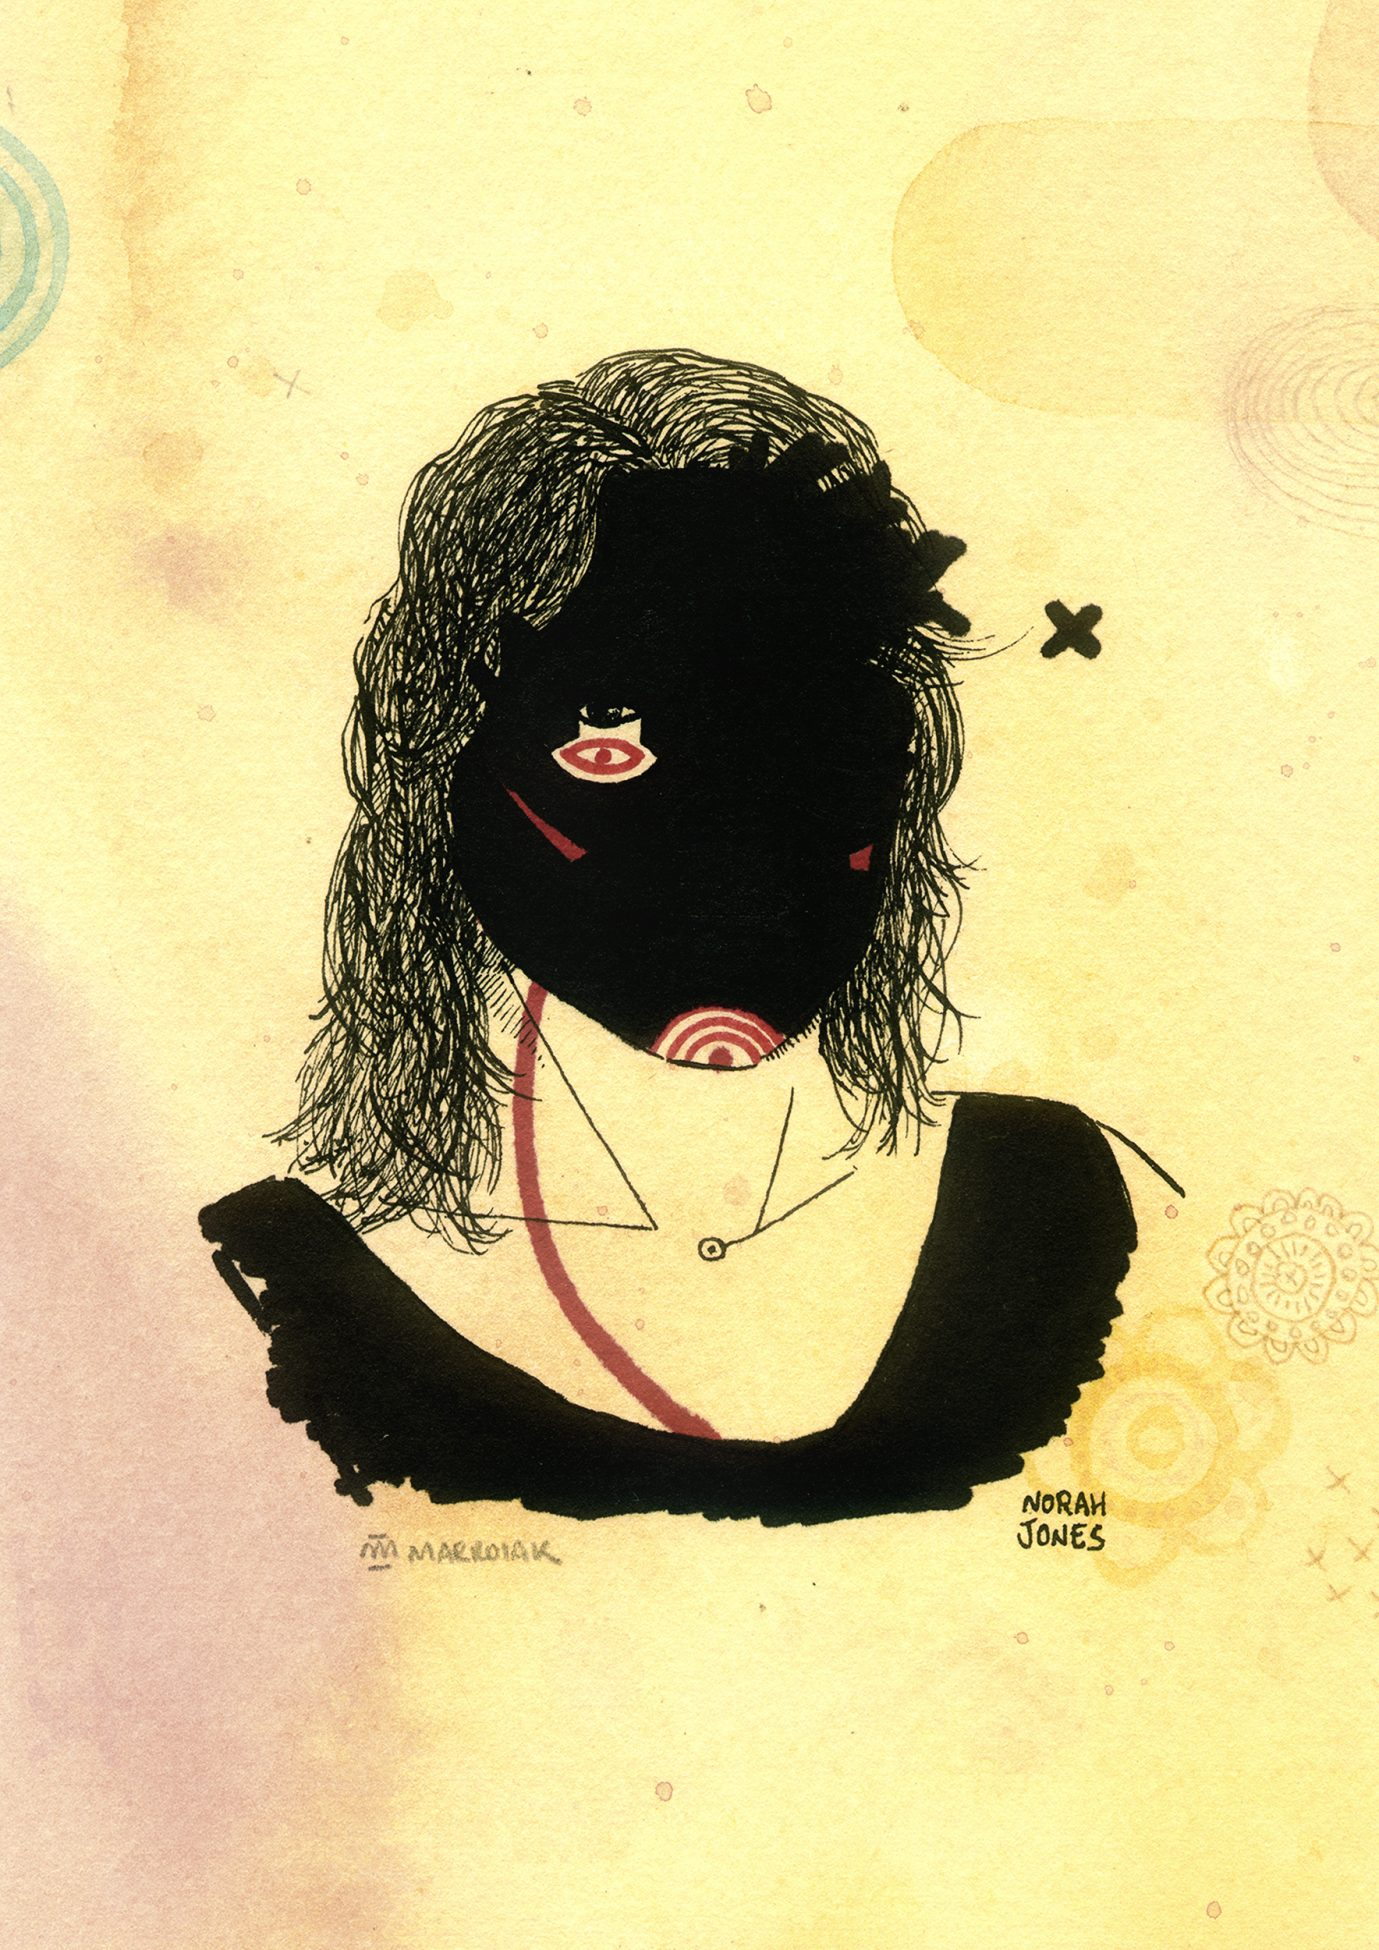 Retrato ilustrado de la cantante norah jones. Acuarela y tinta. Dibujos grunge